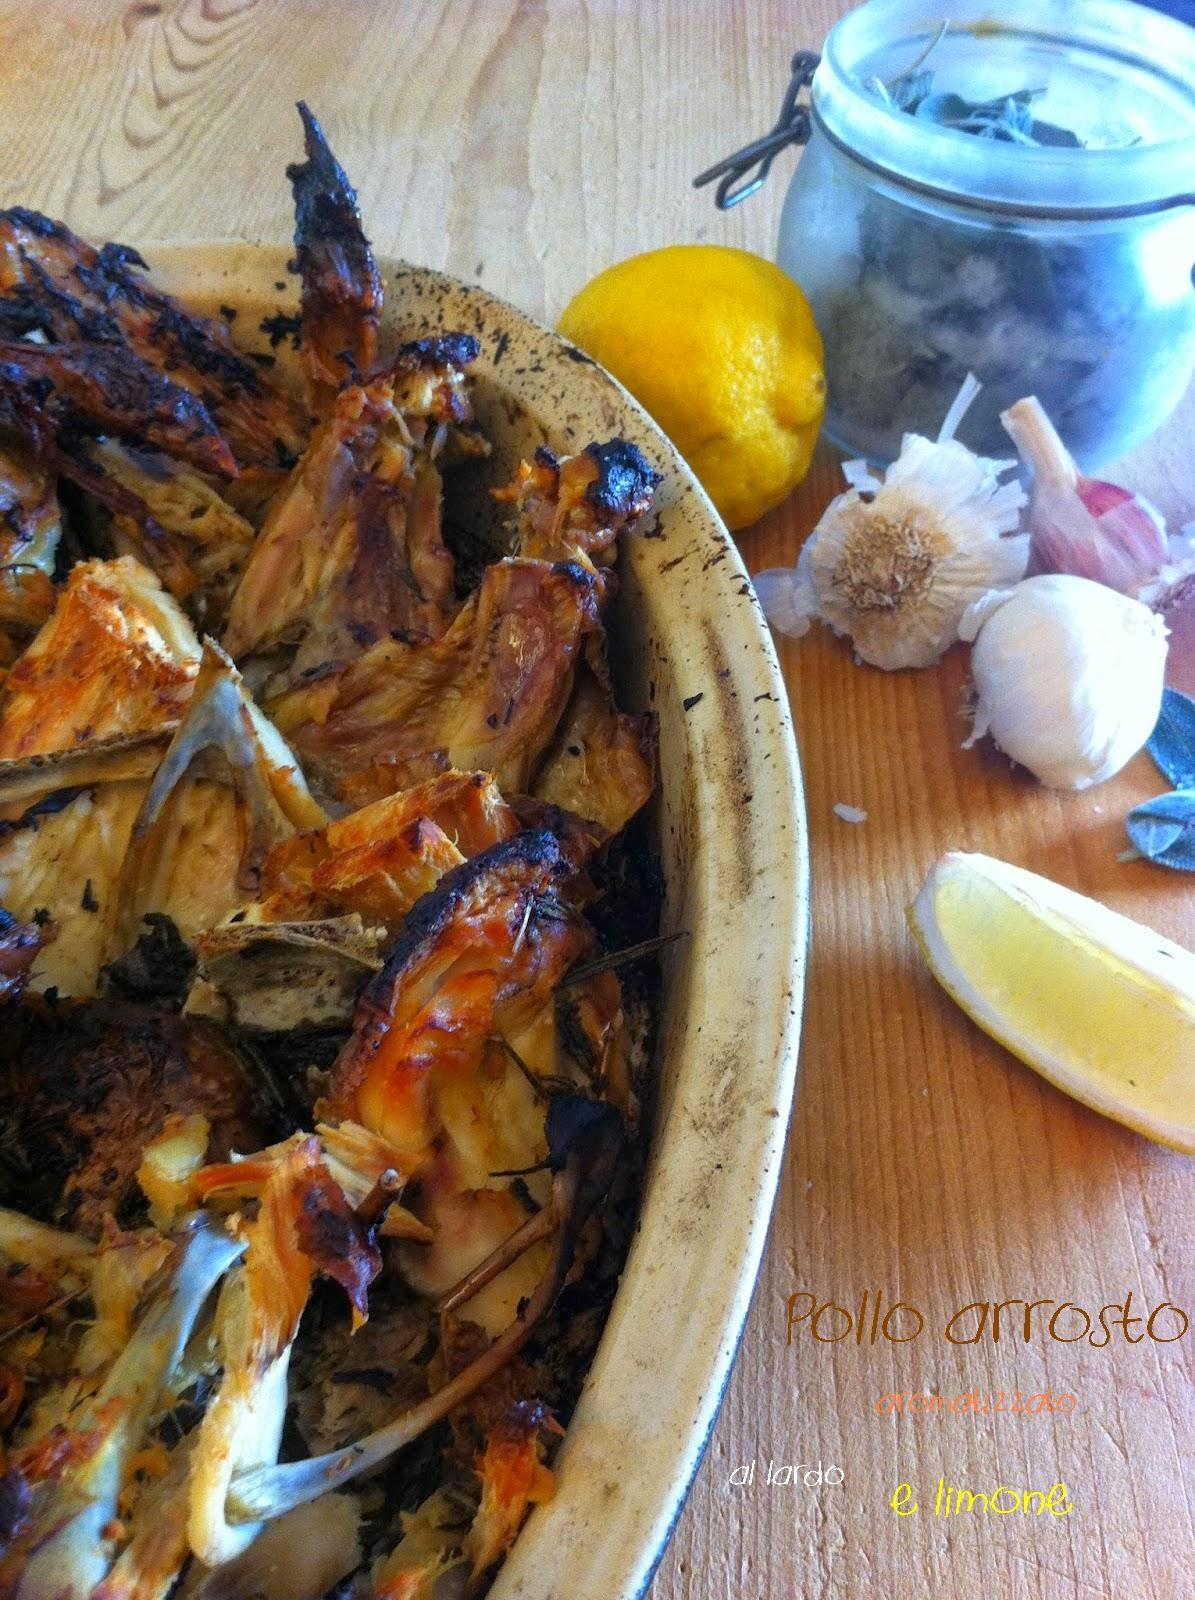 pollo arrosto aromatizzato al lardo e limone